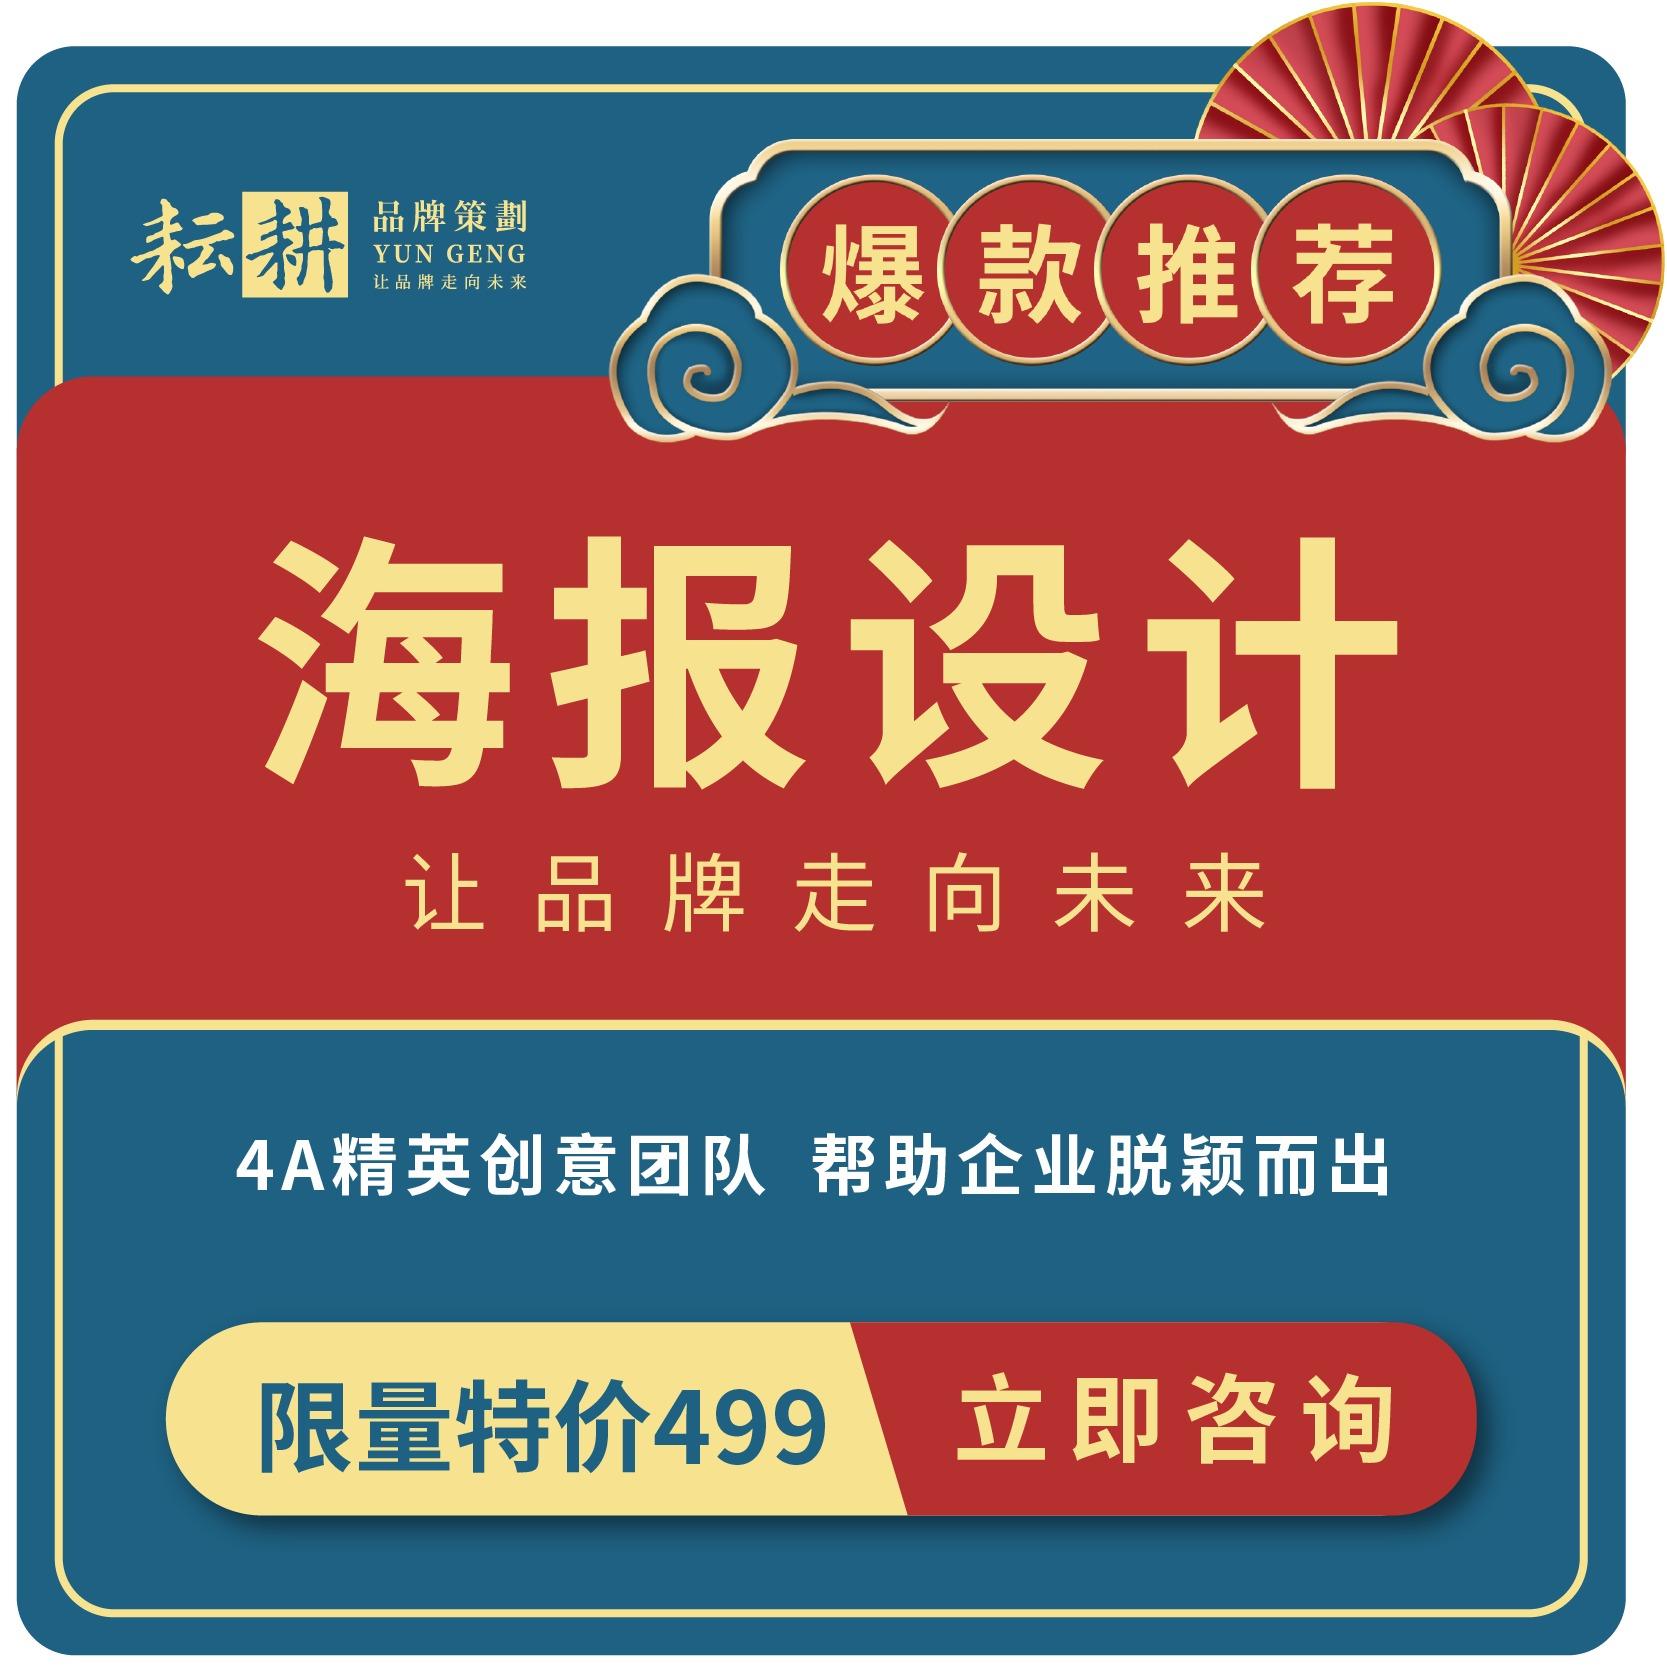 【海报设计】活动海报 展架 易拉宝 品牌展示 会展招商 原创